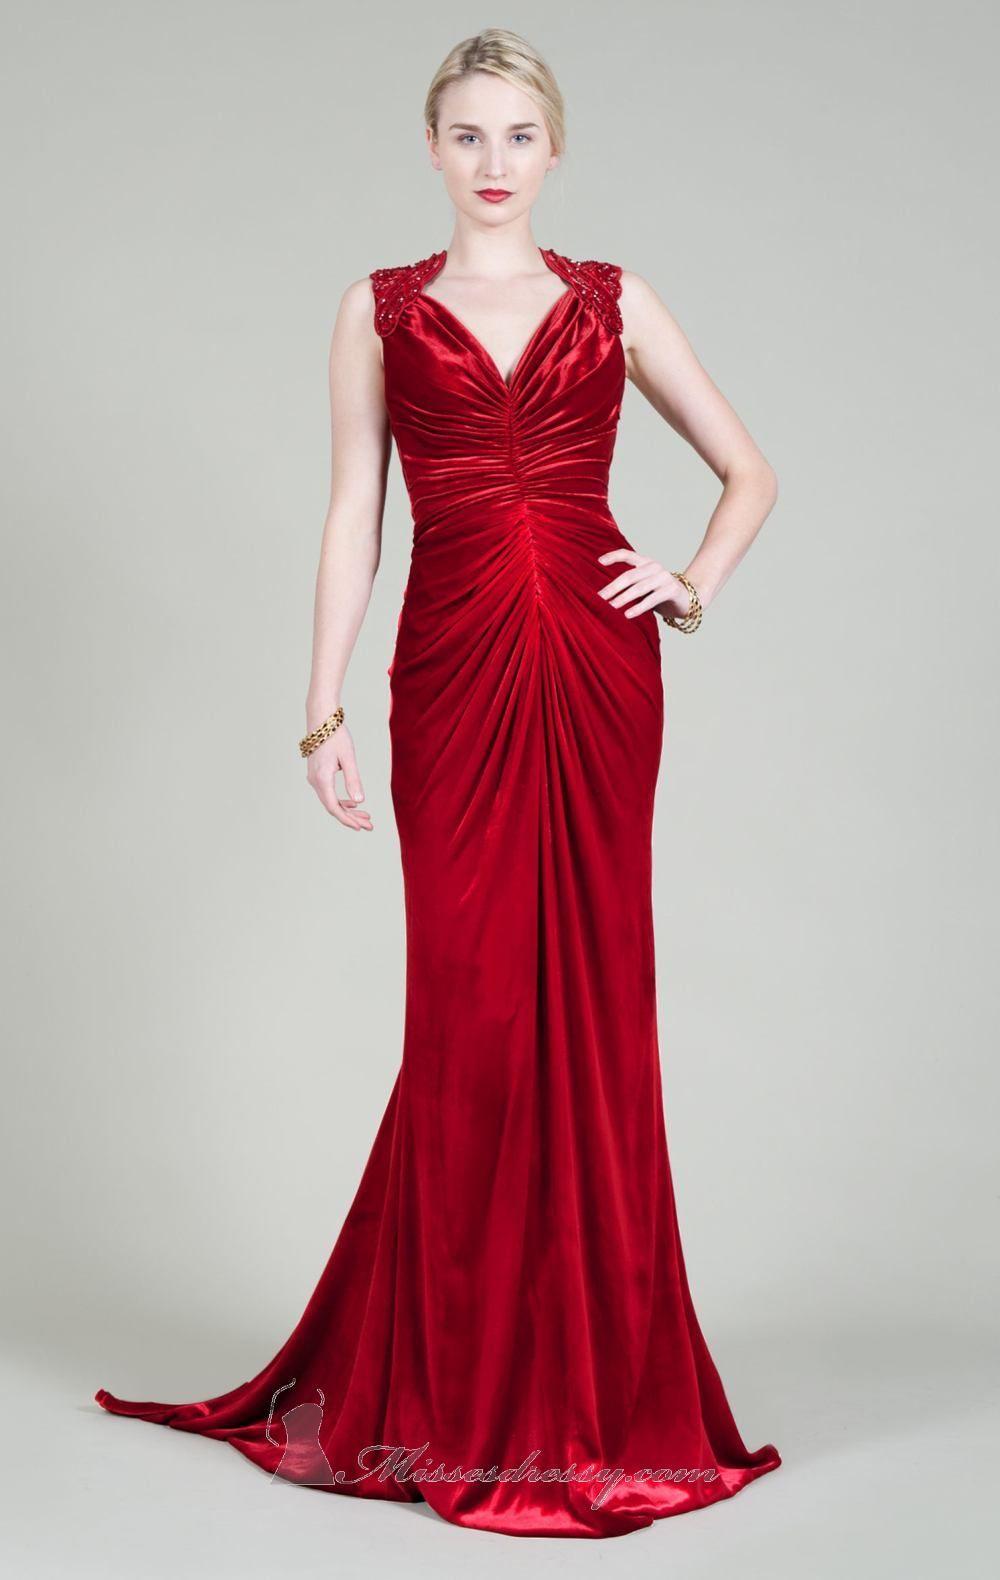 Tadashi 3X1029L Dress - MissesDressy.com $538.00